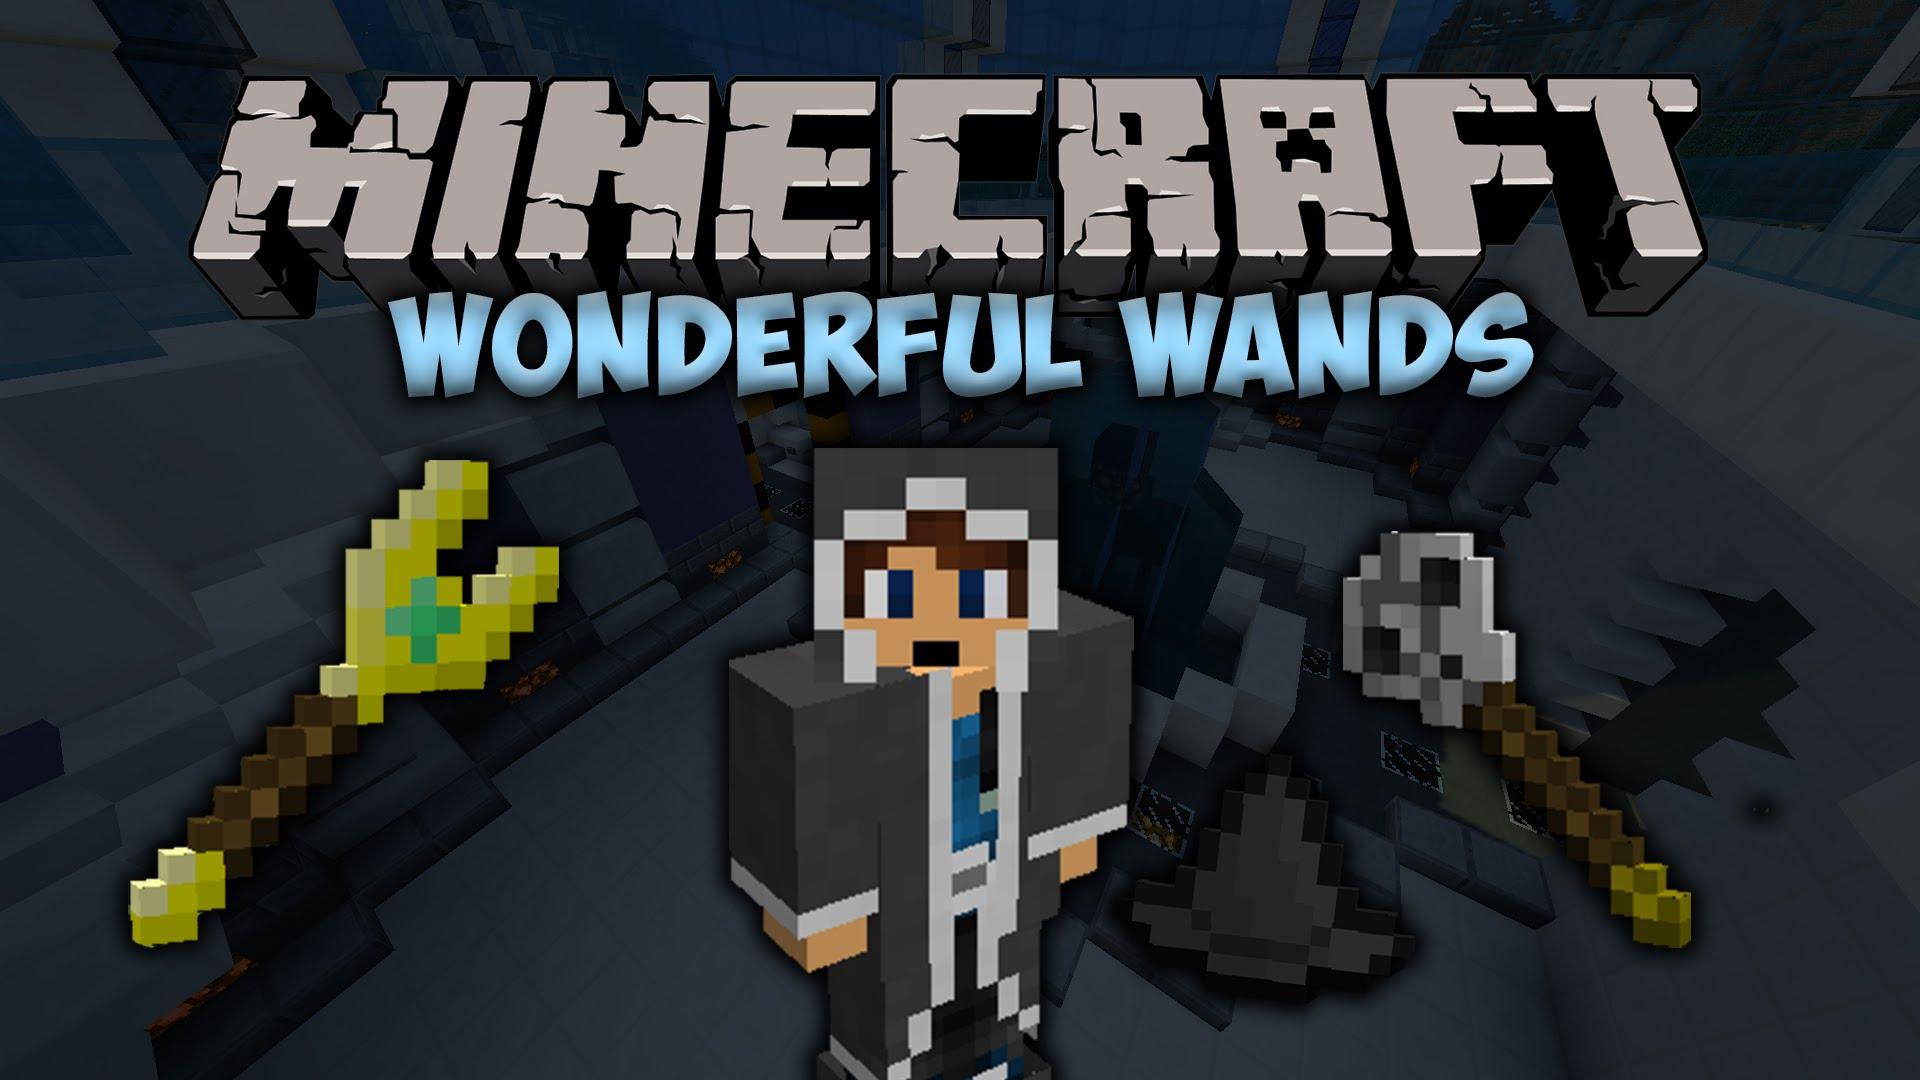 Скачать мод для Minecraft 1.10.2/1.9.4 - Wonderful Wands